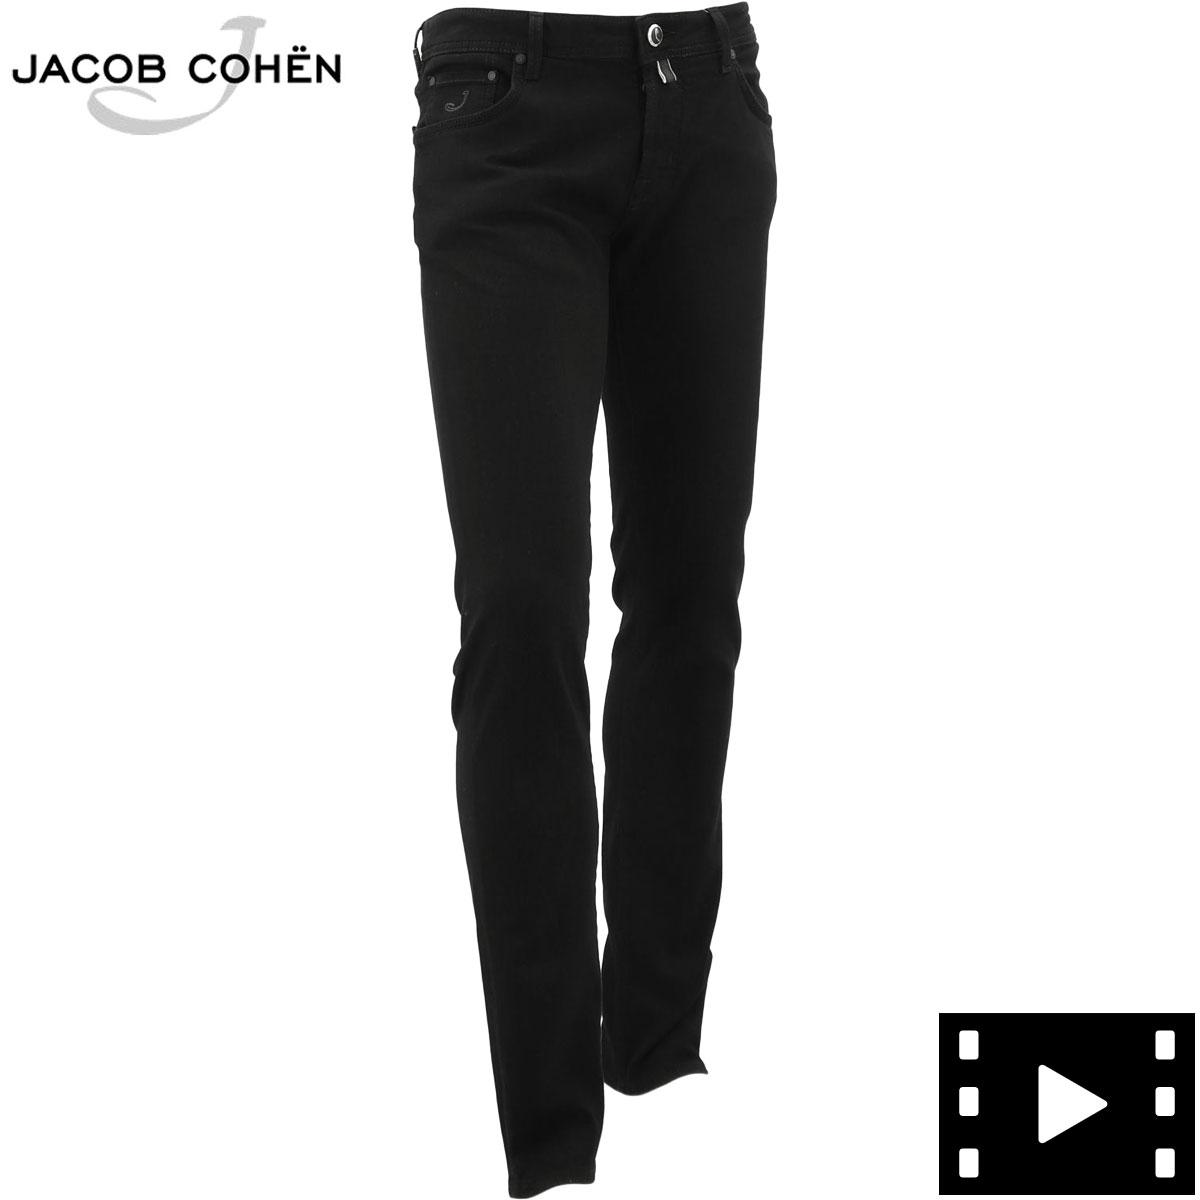 ヤコブコーエン JACOB COHEN メンズ ストレッチ スリムフィット 5ポケット ブラックデニム J622 SLIM 1789-W1 20466 08(ブラック)秋冬新作